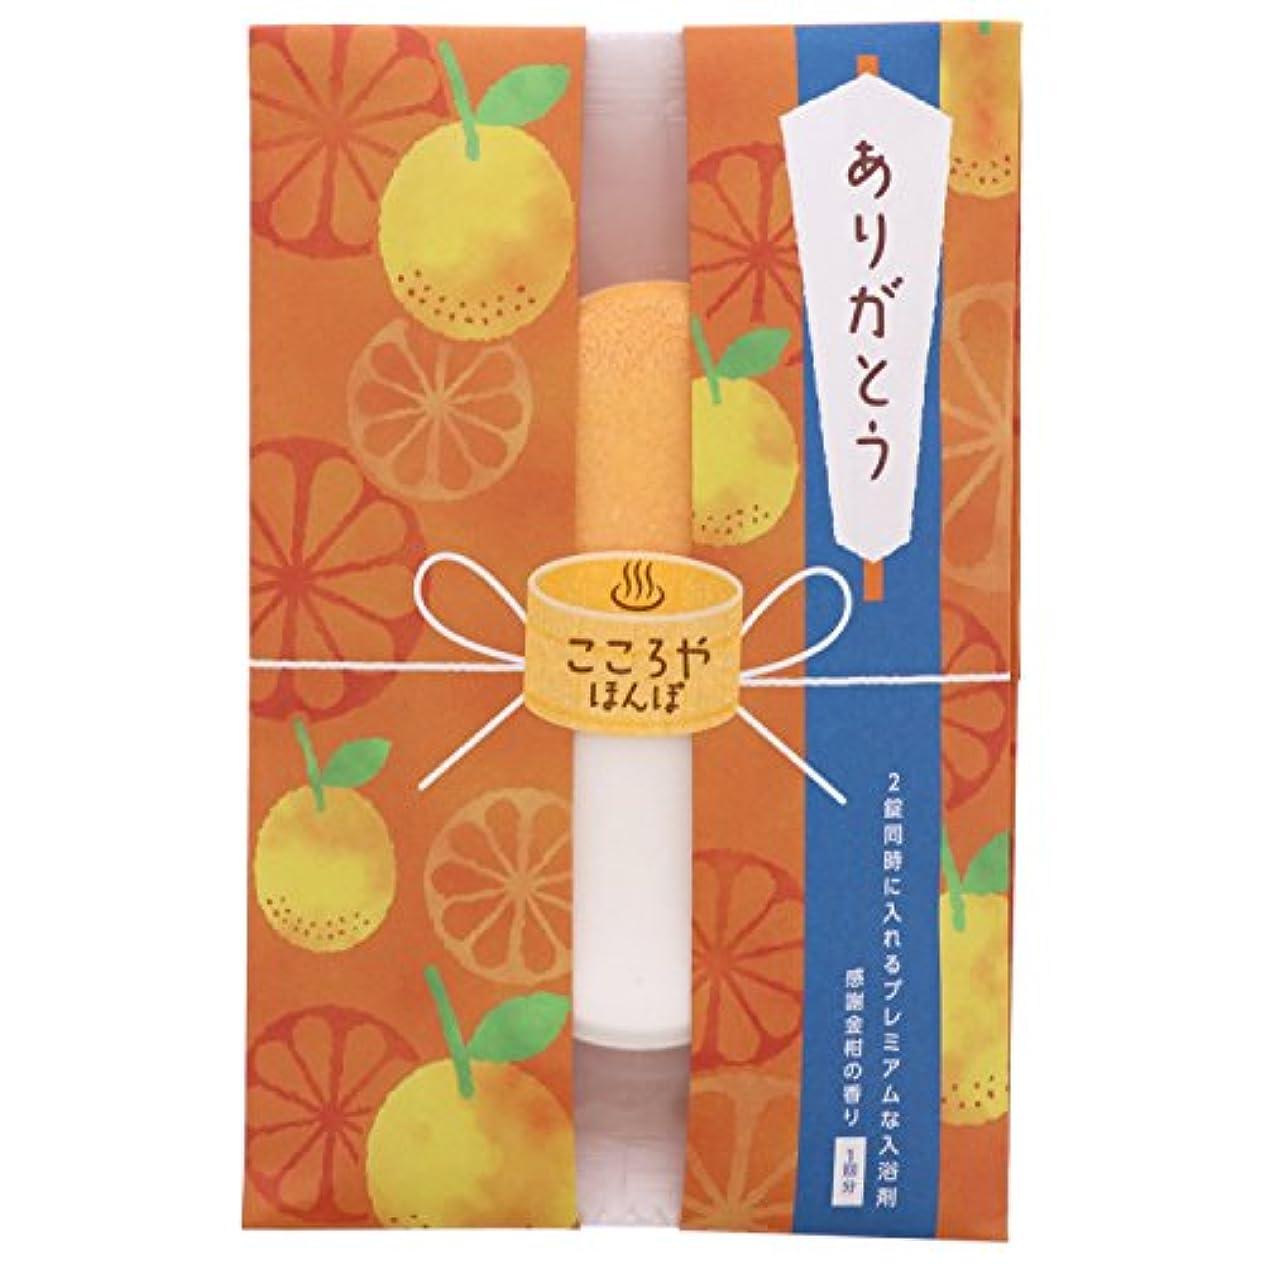 ヤギ花弁ボイラーこころやほんぽ カジュアルギフト 入浴剤 ありがとう 金柑の香り 50g